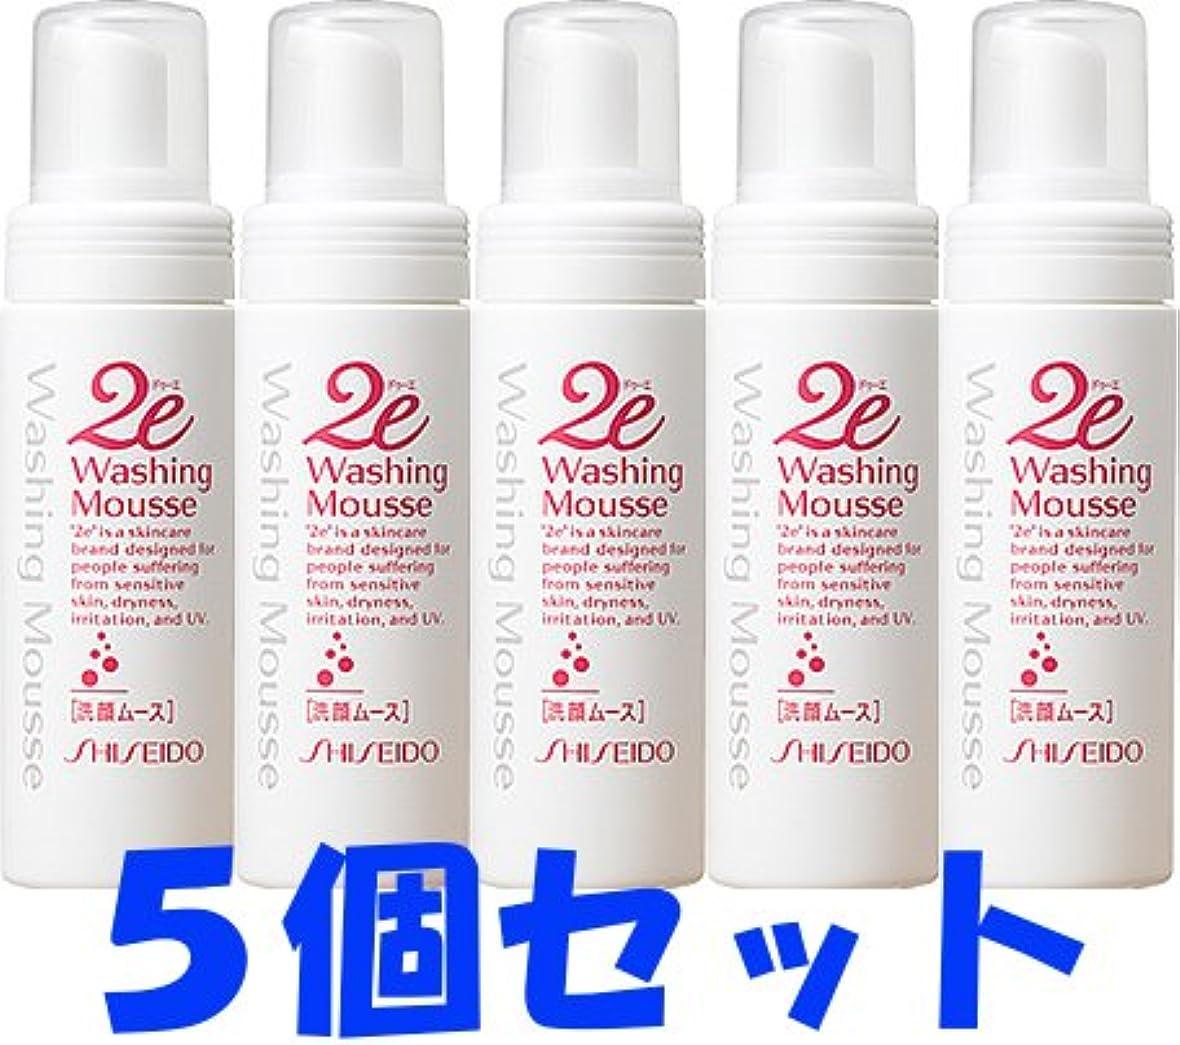 報復する燃料市民【5個セット】資生堂 2e ドゥーエ 洗顔ムース 120ml